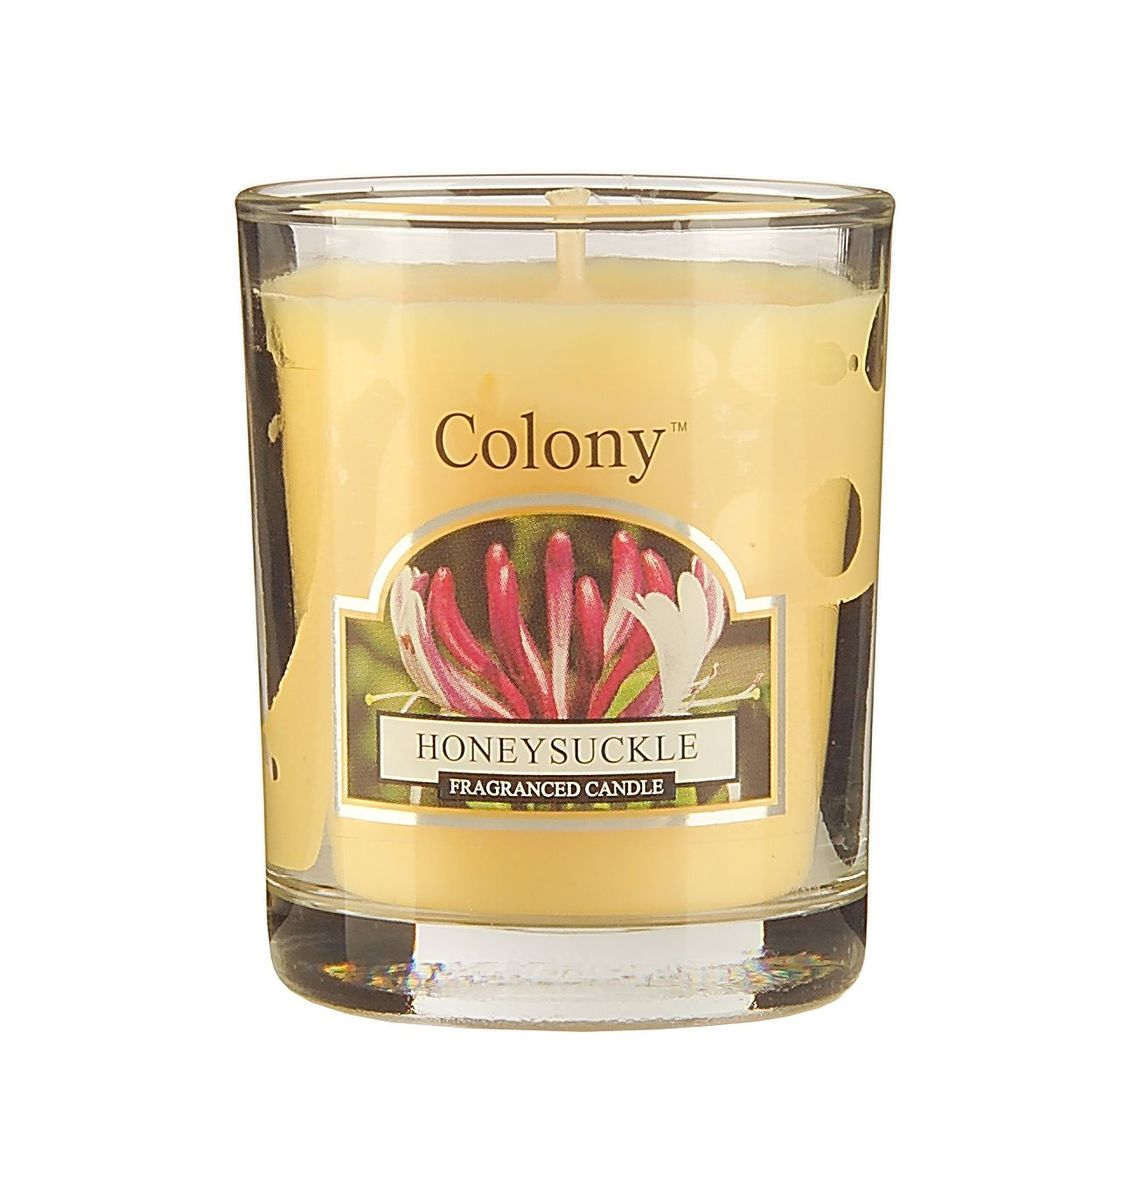 Свеча ароматическая лампадная Wax Lyrical Цветущая жимолость, 14 часов, 130 г94672Свеча ароматическая лампадная Wax Lyrical Цветущая жимолость имеет нежный успокаивающий аромат цветов жимолости, дополненный едва уловимым древесным оттенком.